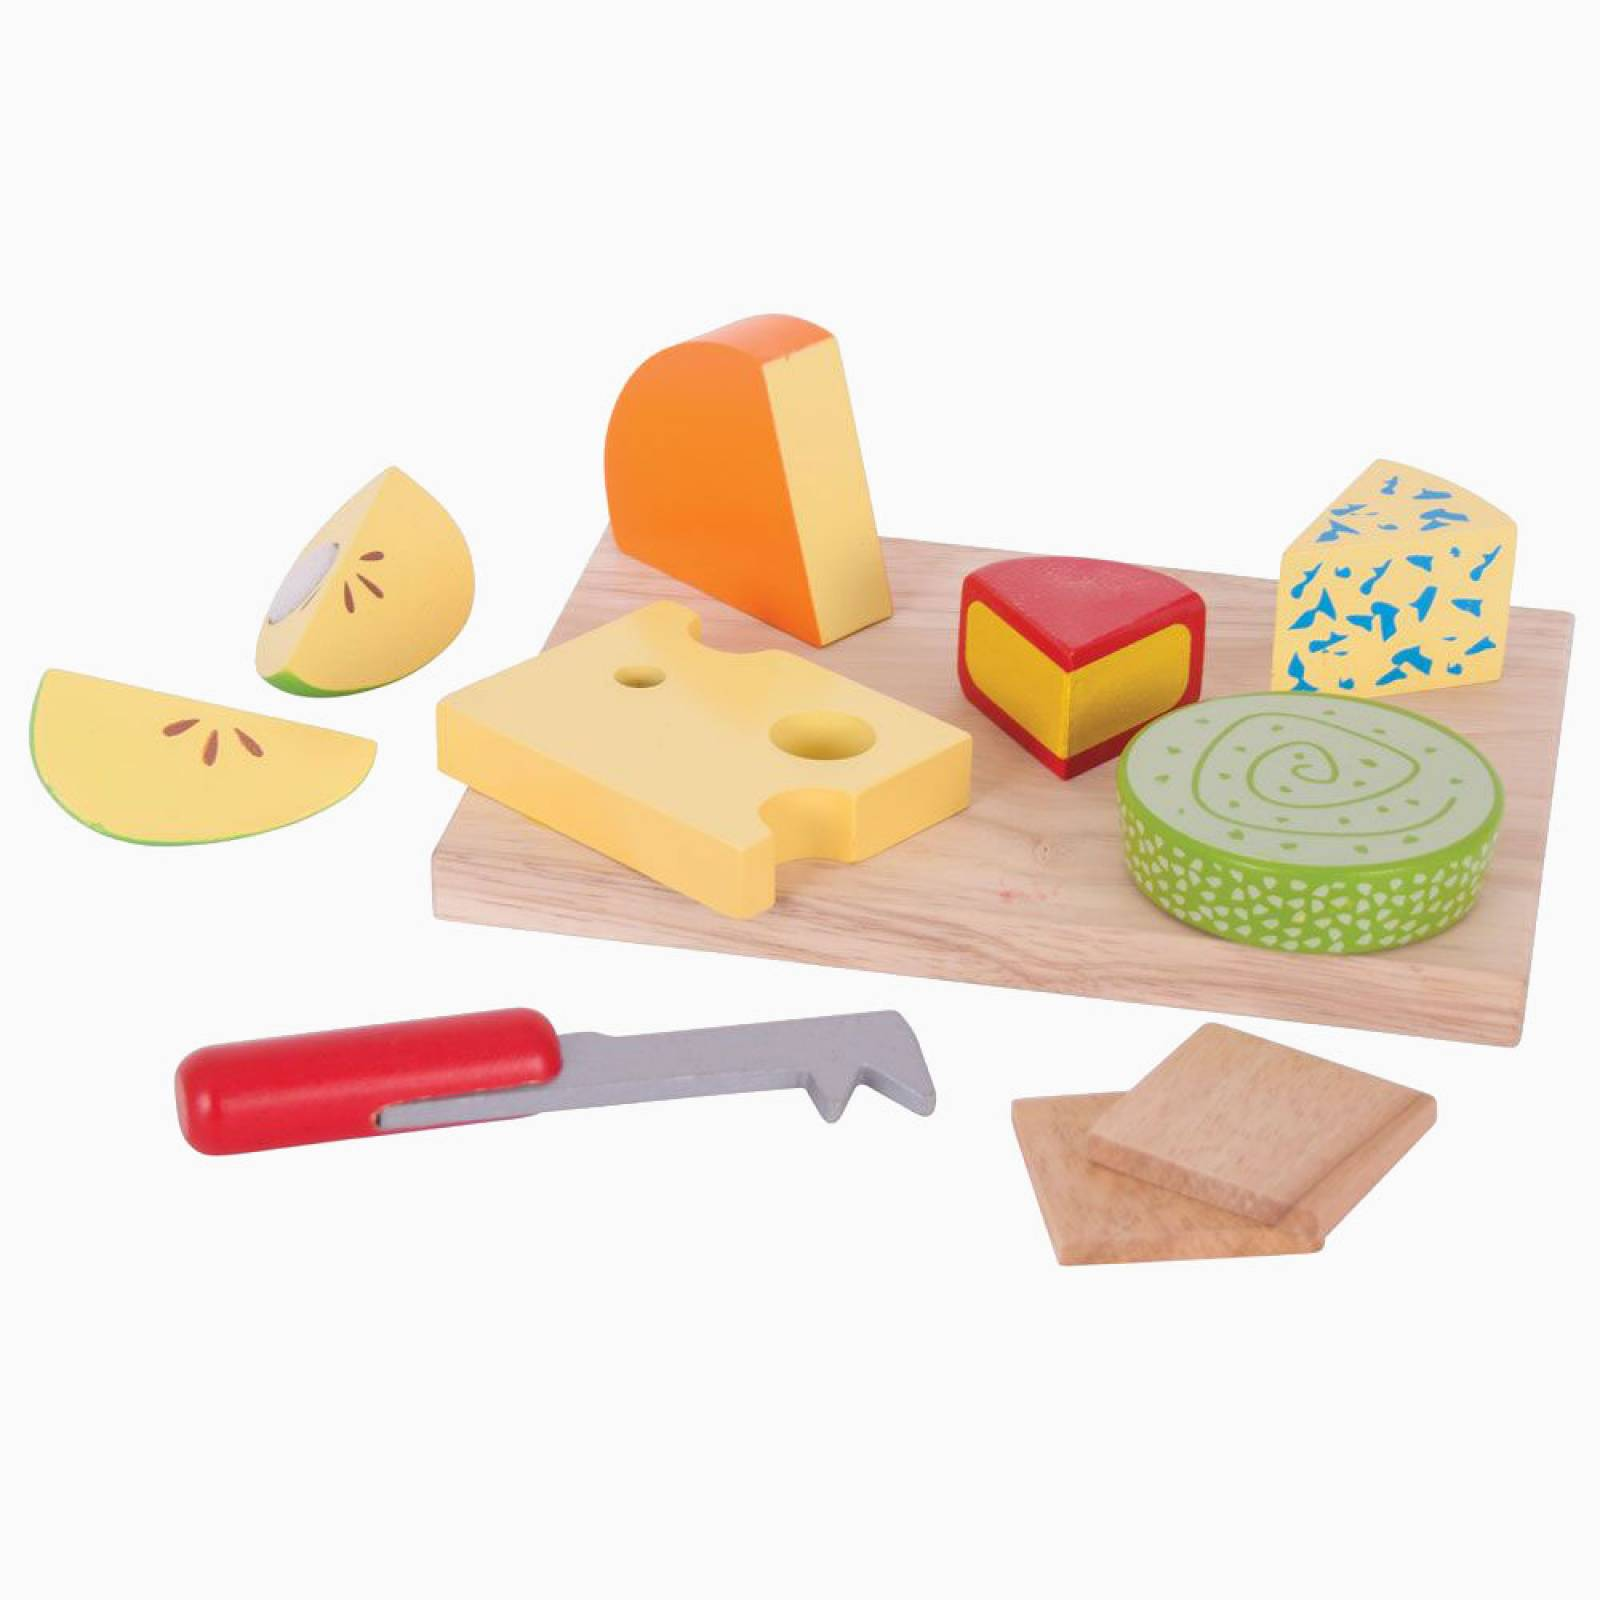 Wooden Cheeseboard Set Play Food